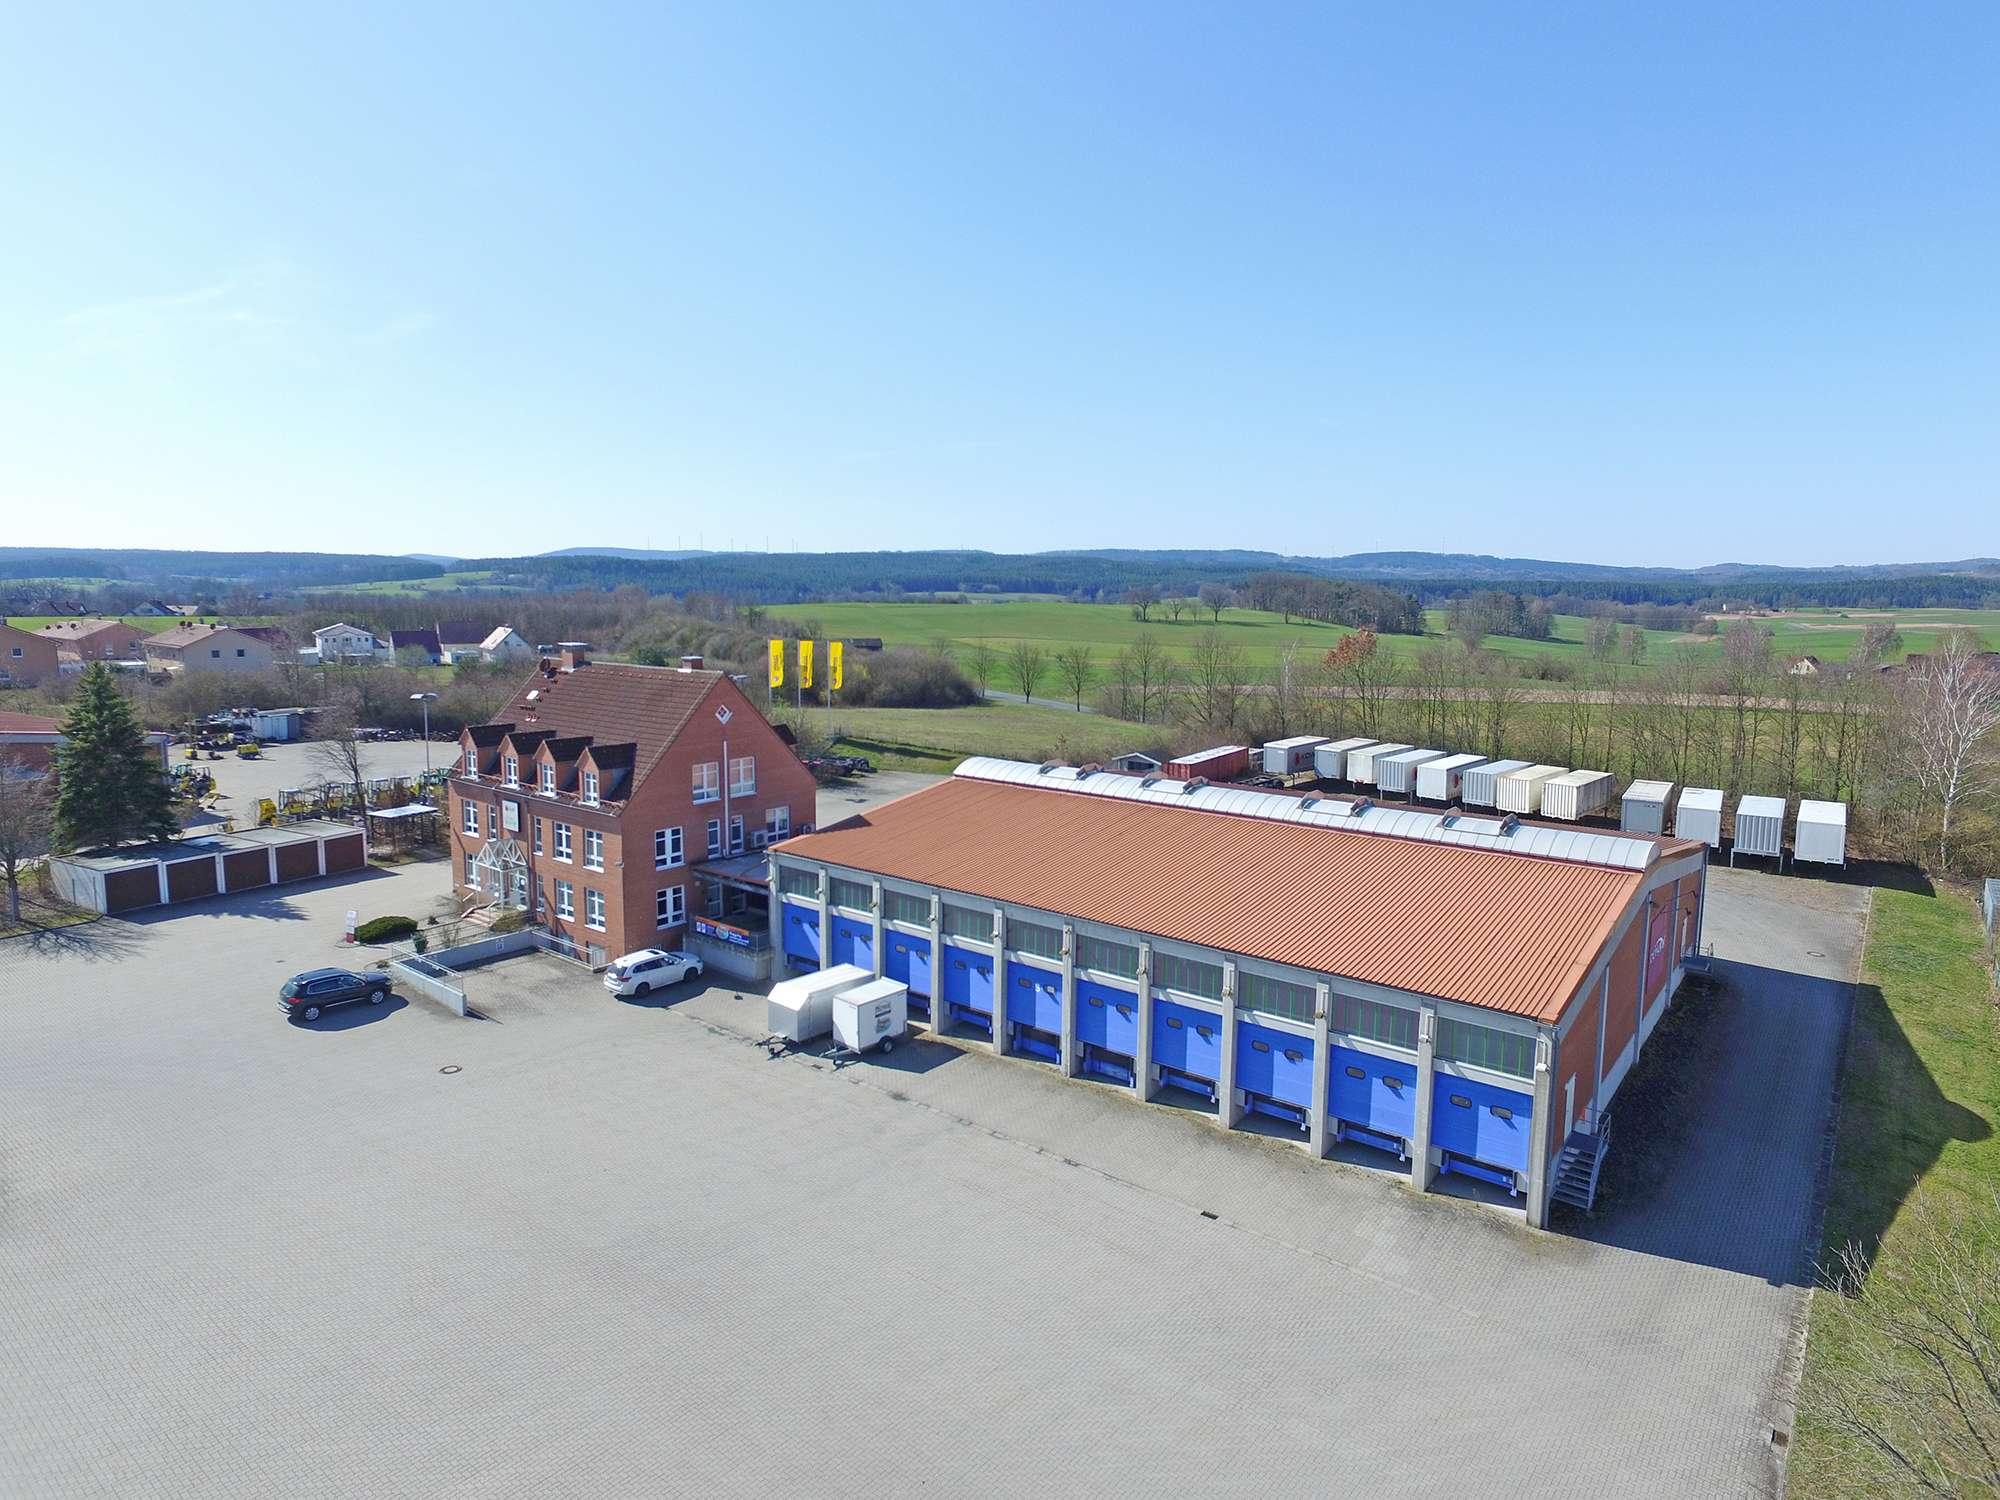 Hallen-/Lagerfläche mit ca. 230 m² in idealer Lage zwischen Bayreuth und Kulmbach!